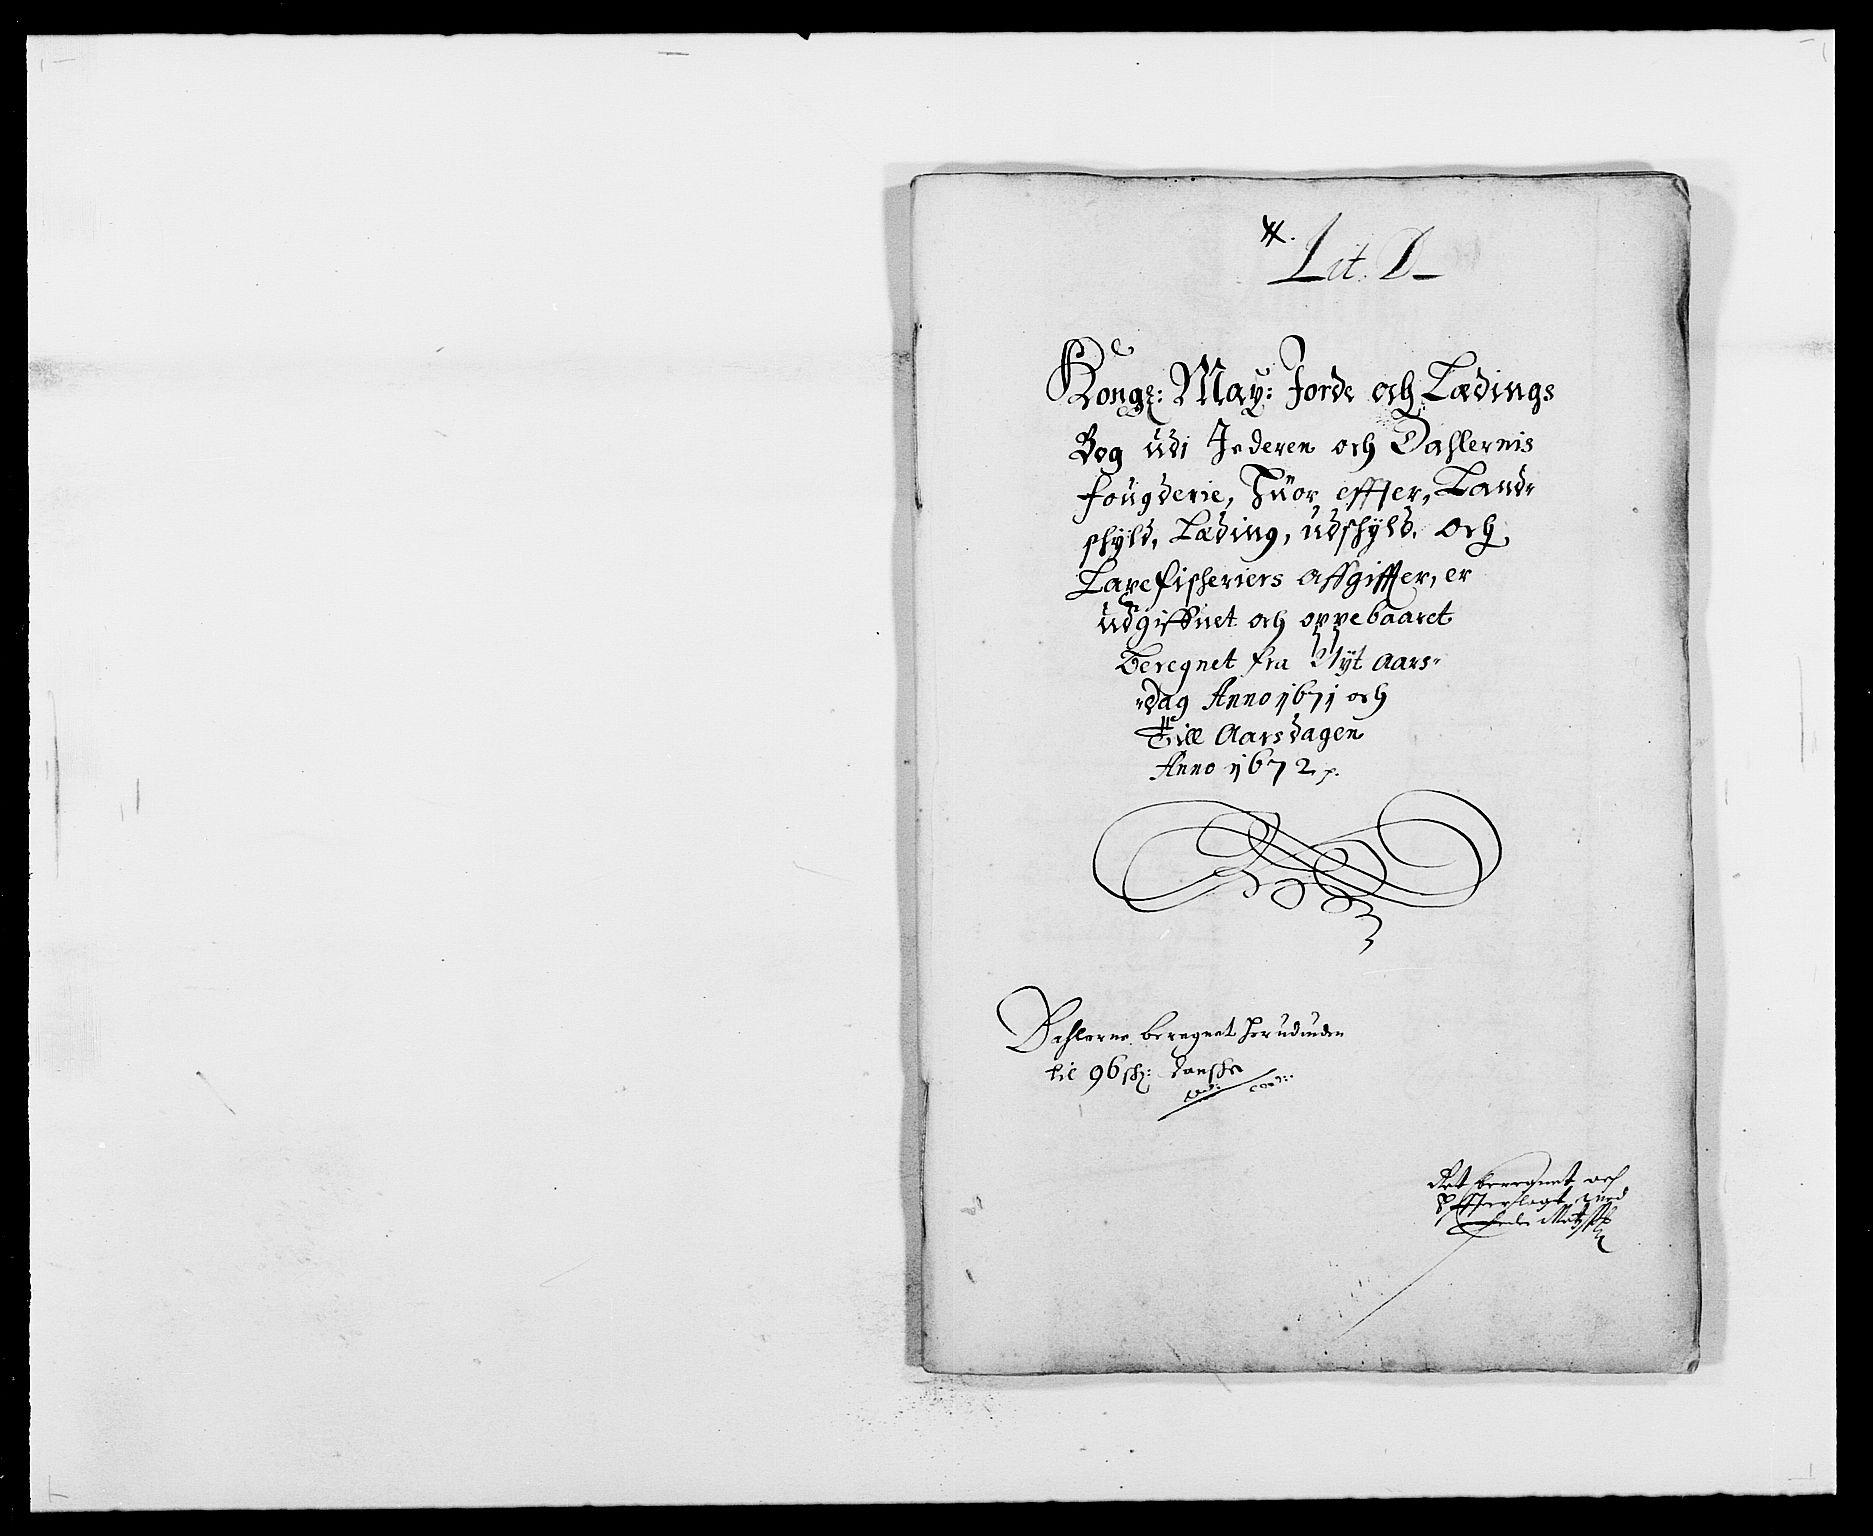 RA, Rentekammeret inntil 1814, Reviderte regnskaper, Fogderegnskap, R46/L2713: Fogderegnskap Jæren og Dalane, 1671-1672, s. 78